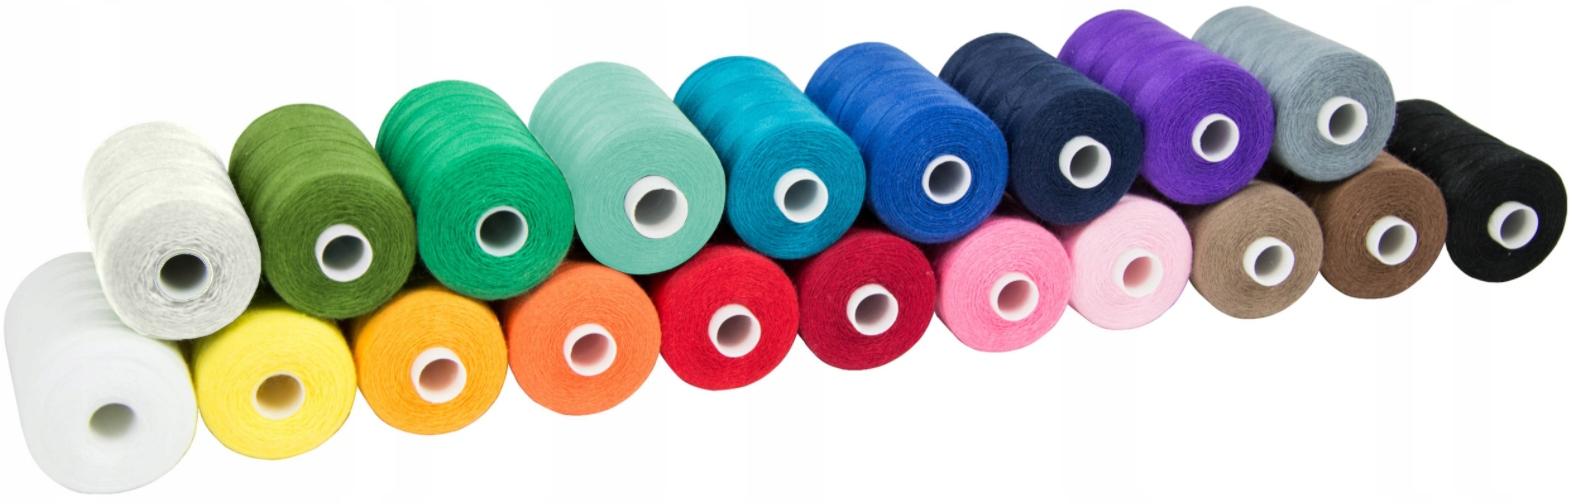 Набор из 20 ниток для швейной машины HARD 915m